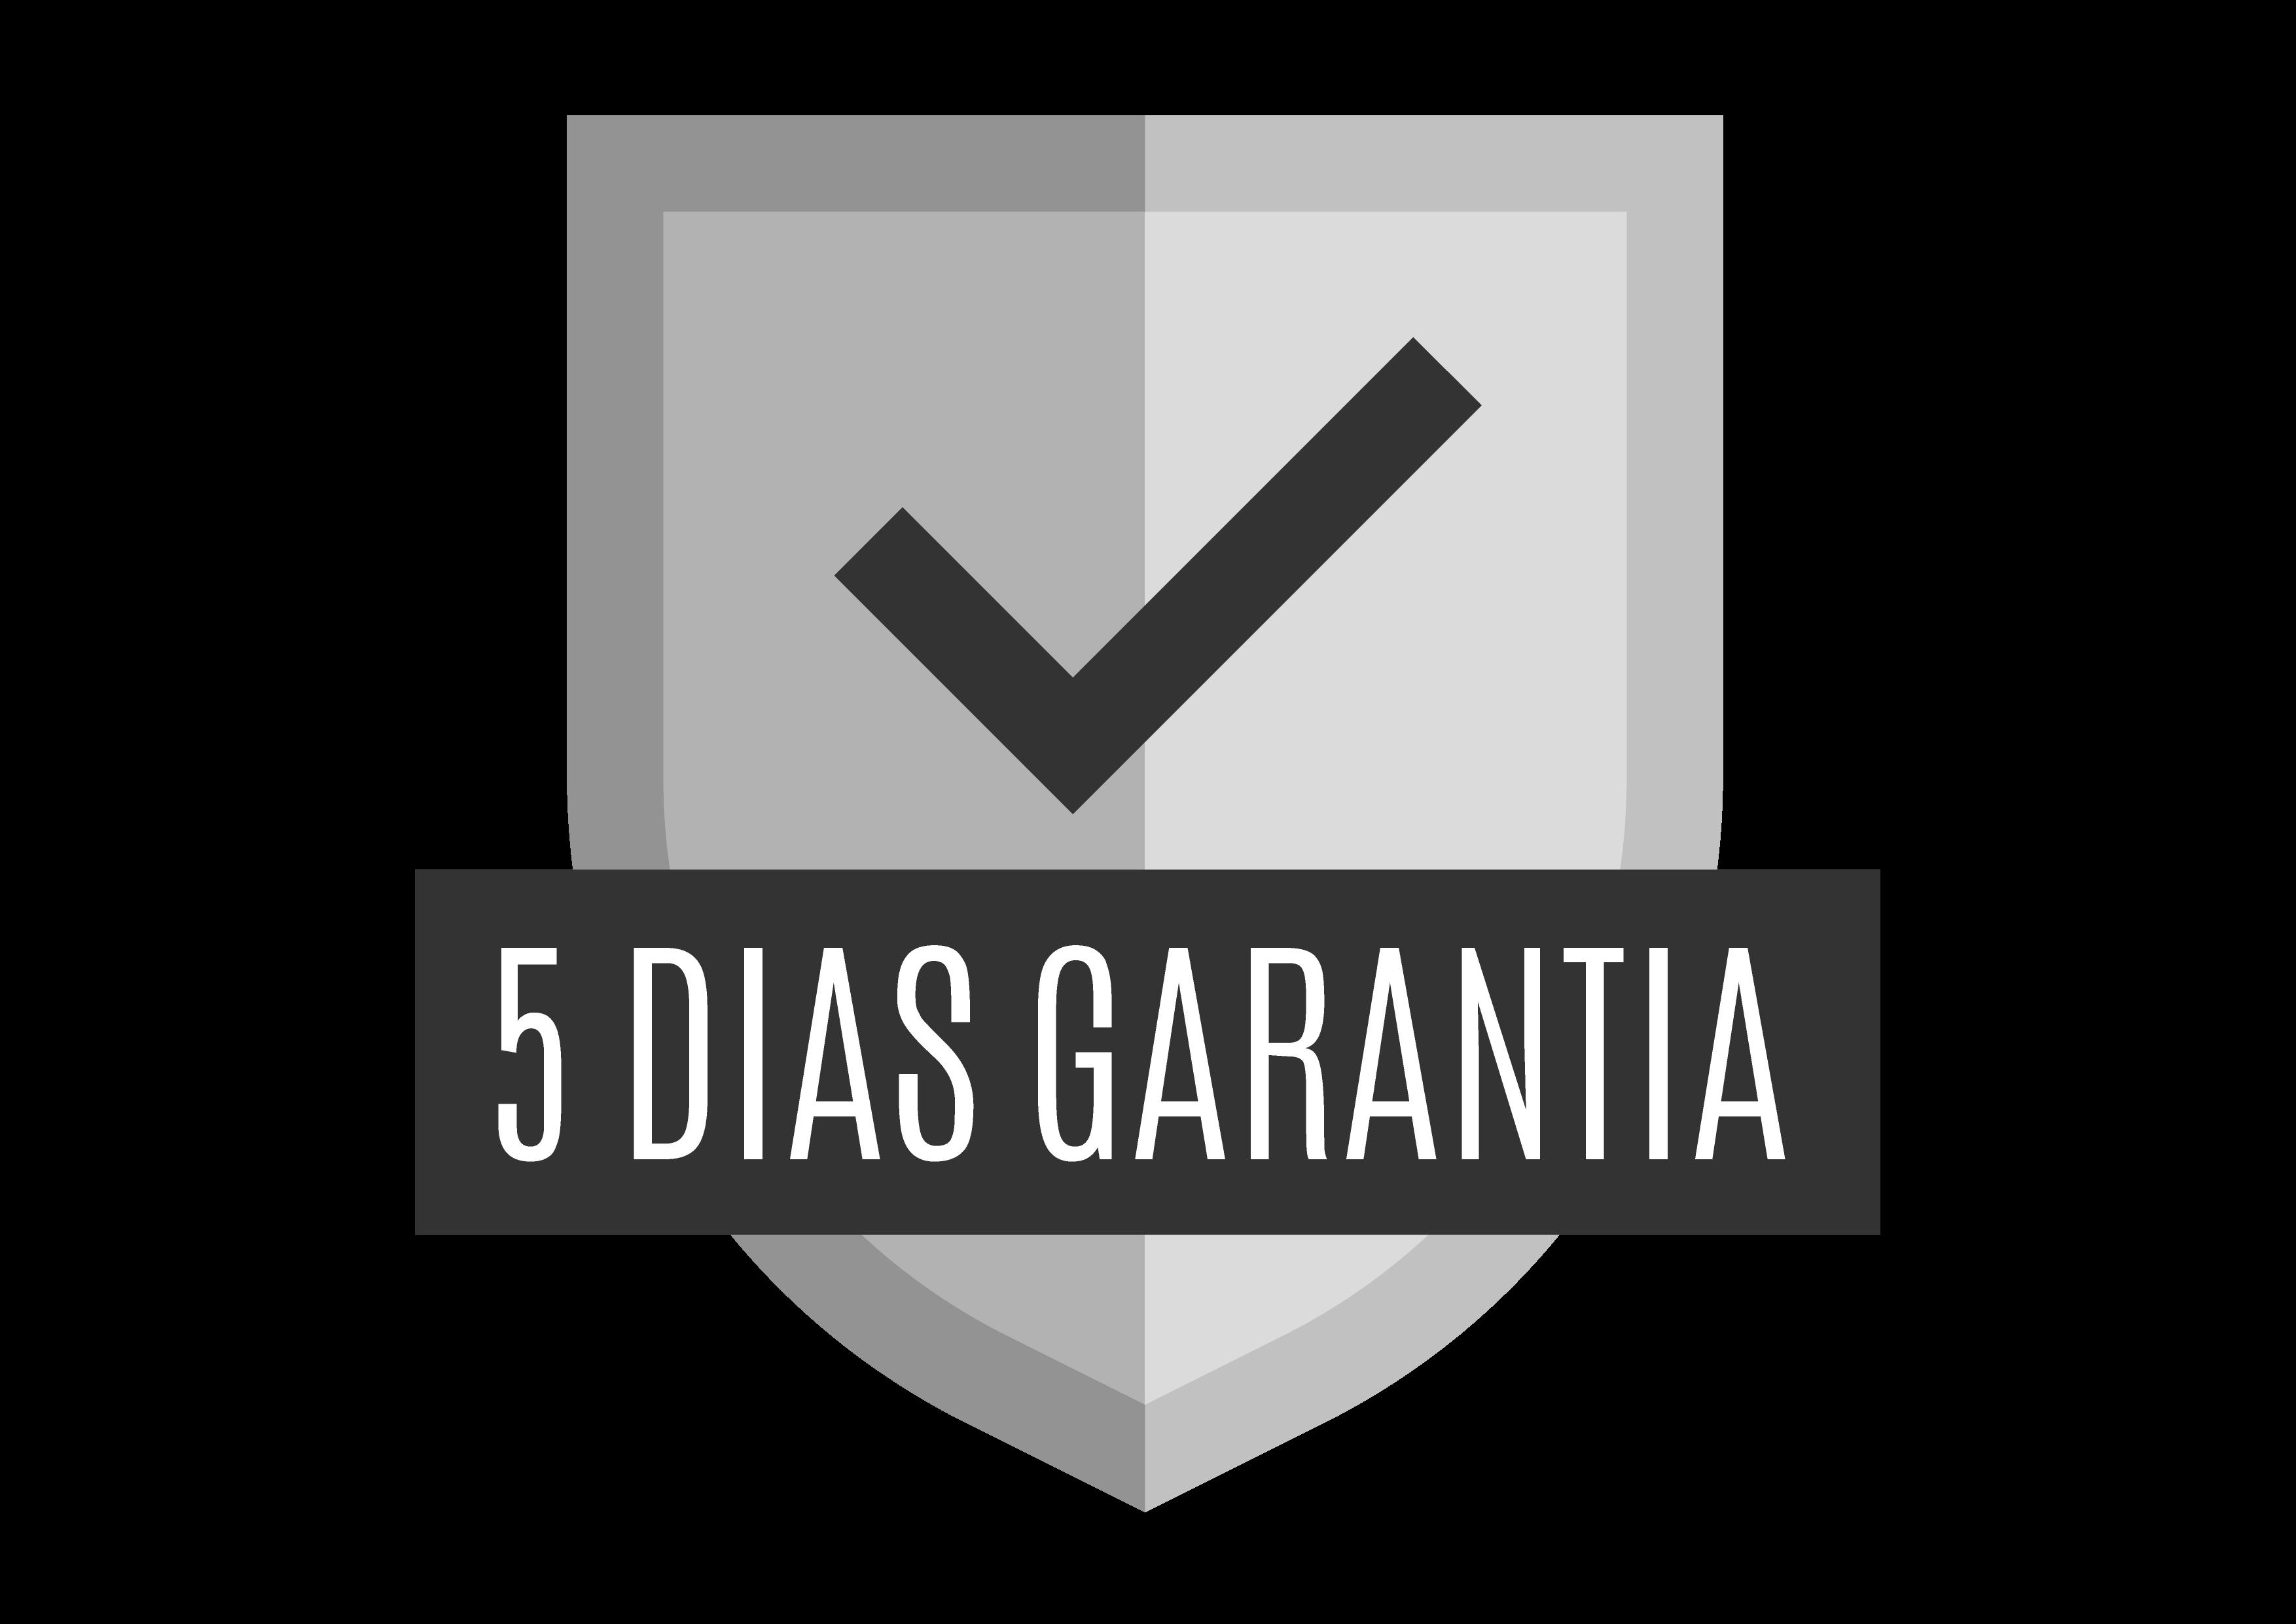 icon satisfacao garantida 5 dias 01 - Cursos Intensivos de Natação 2019 [mobile]